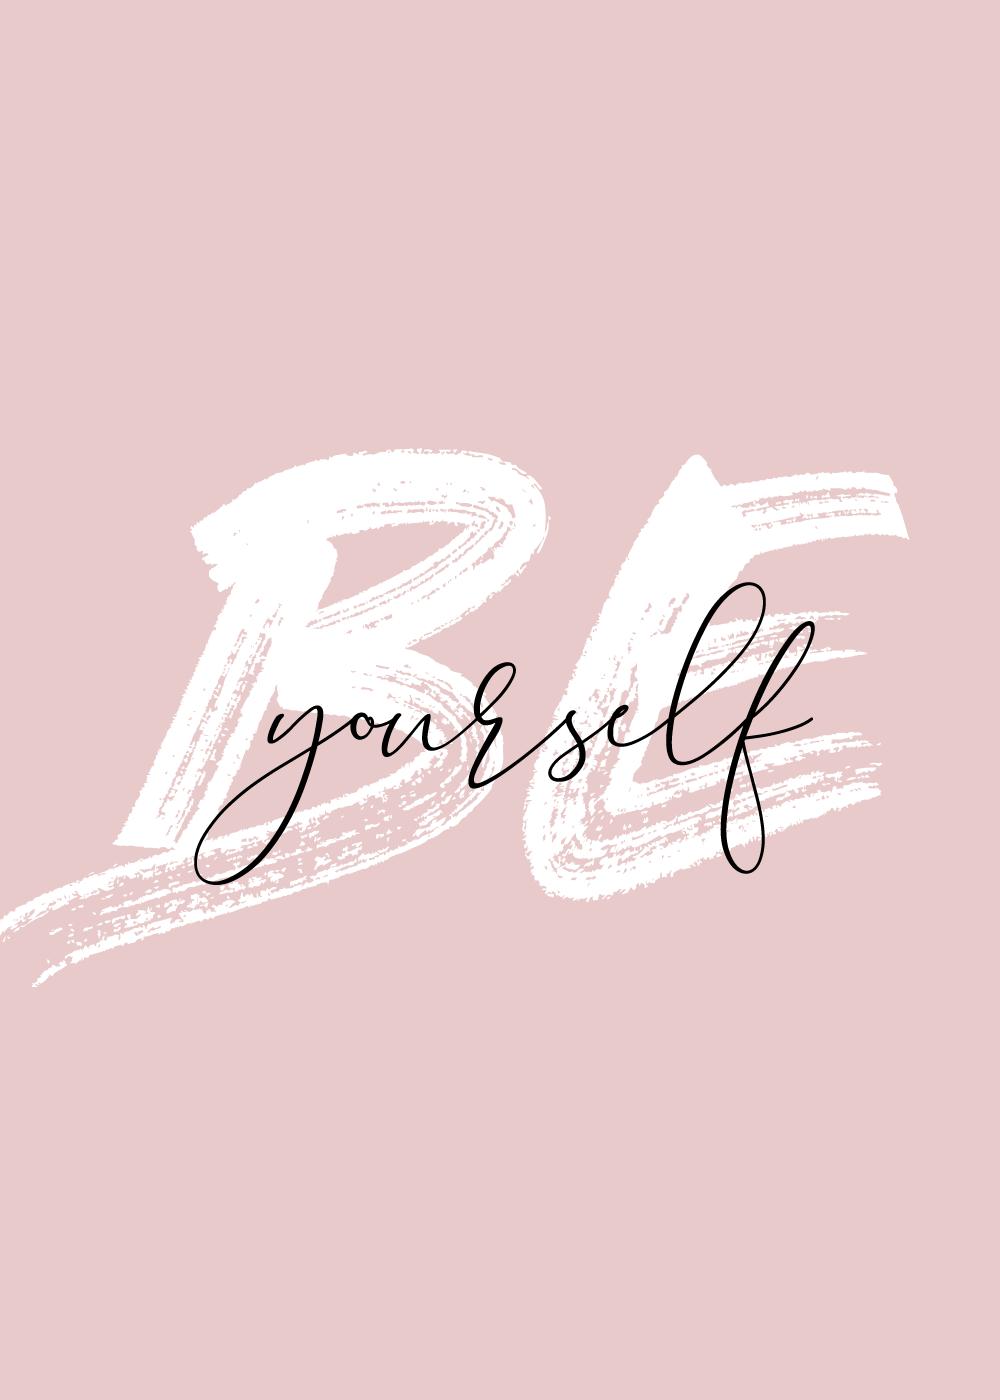 Billede af Be yourself - Body positivity plakat